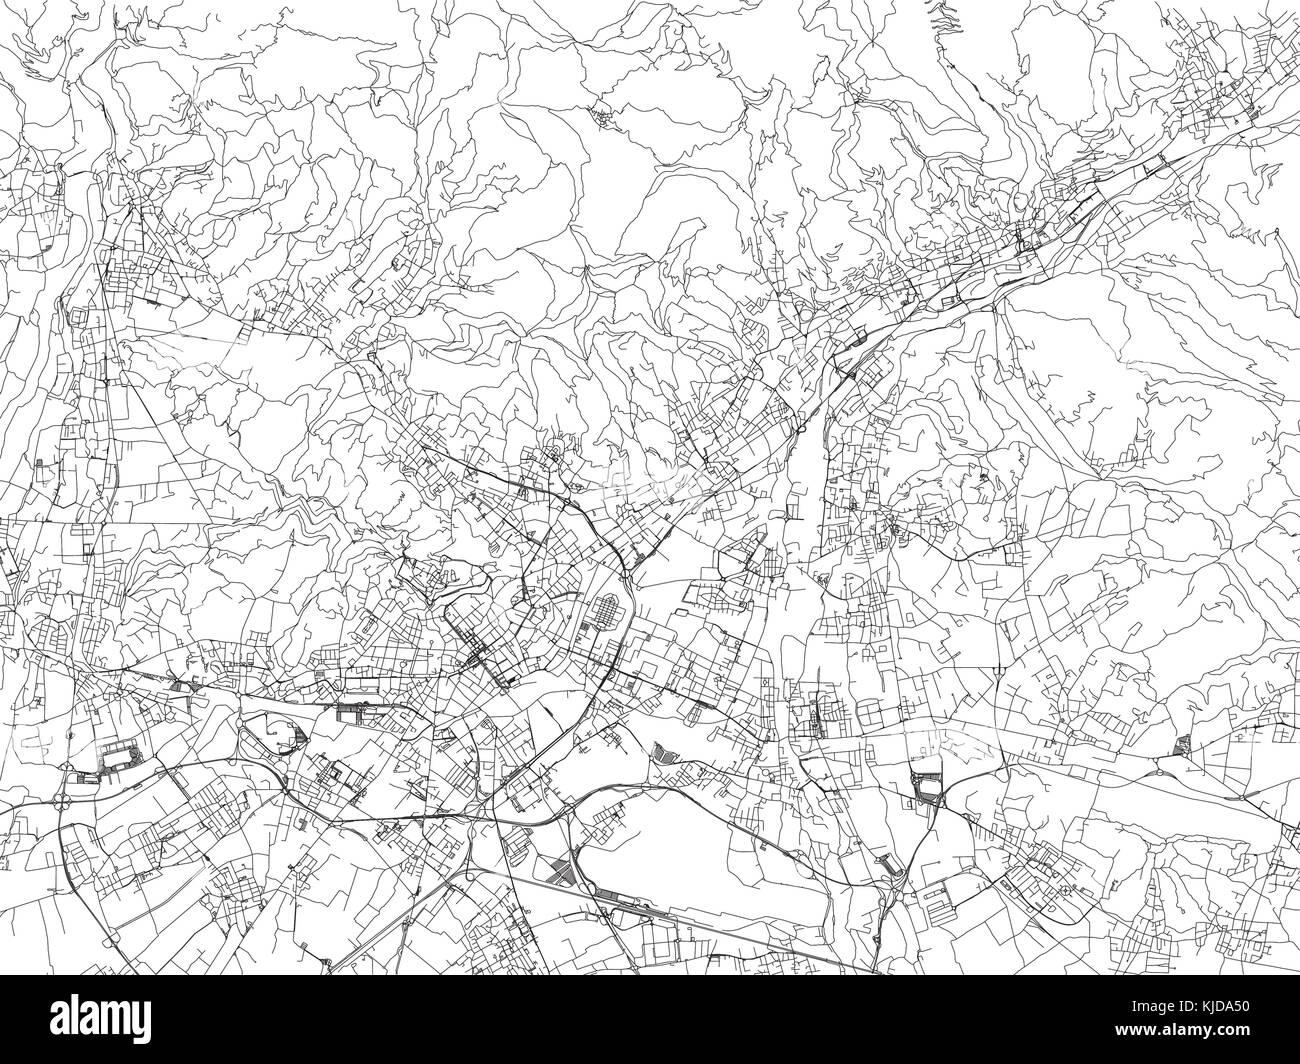 Cartina Autostradale Della Lombardia.Strade Di Bergamo Mappa Della Citta Lombardia Italia Mappa Stradale Immagine E Vettoriale Alamy